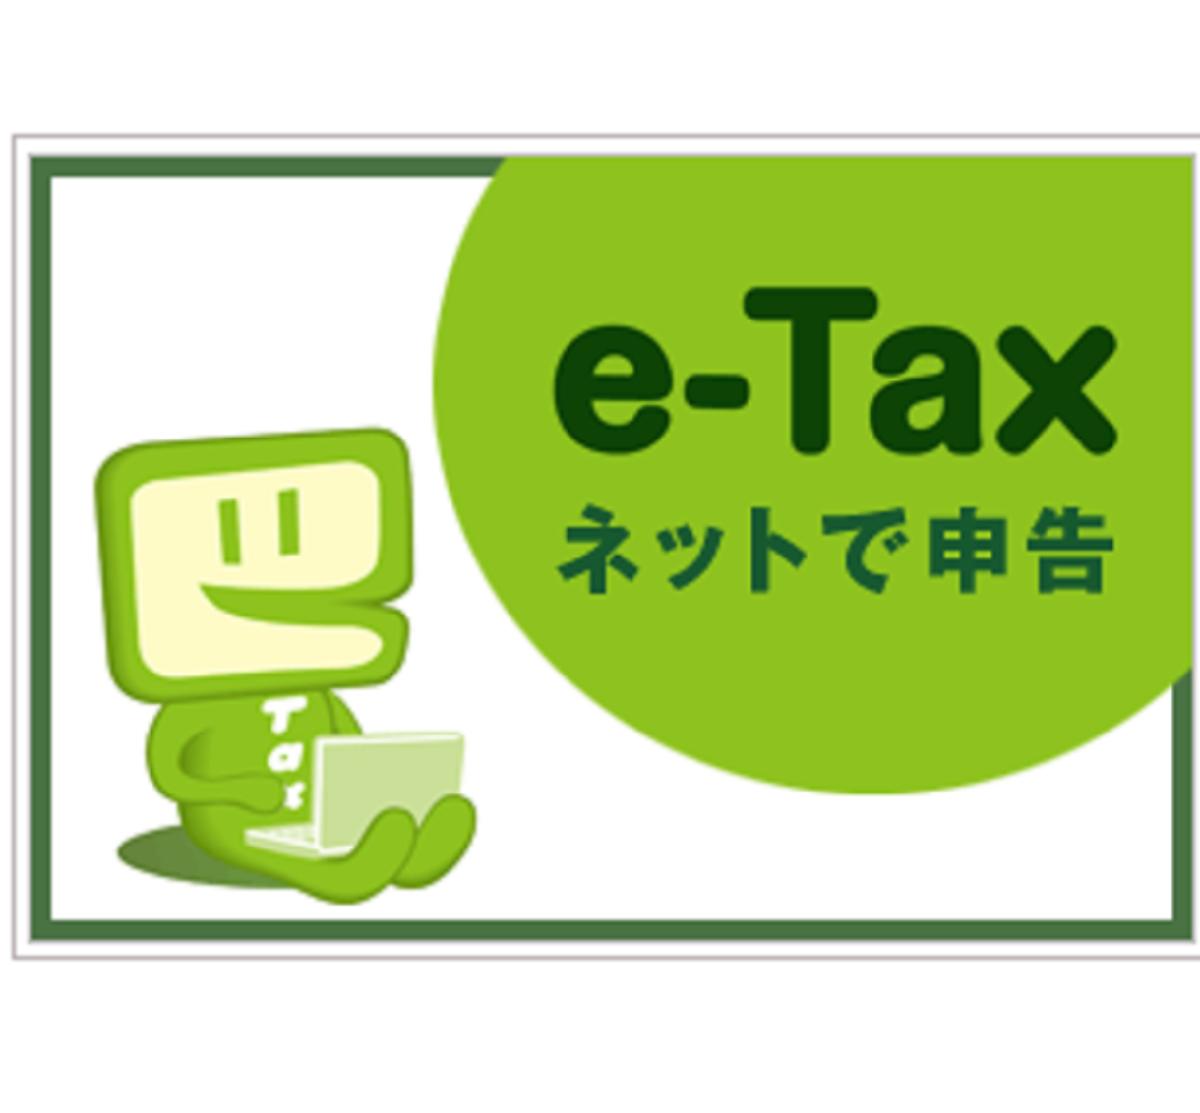 確定申告のe-taxのデメリットとメリットで考えて何が一番いいのか? 会計ソフトが一番いい